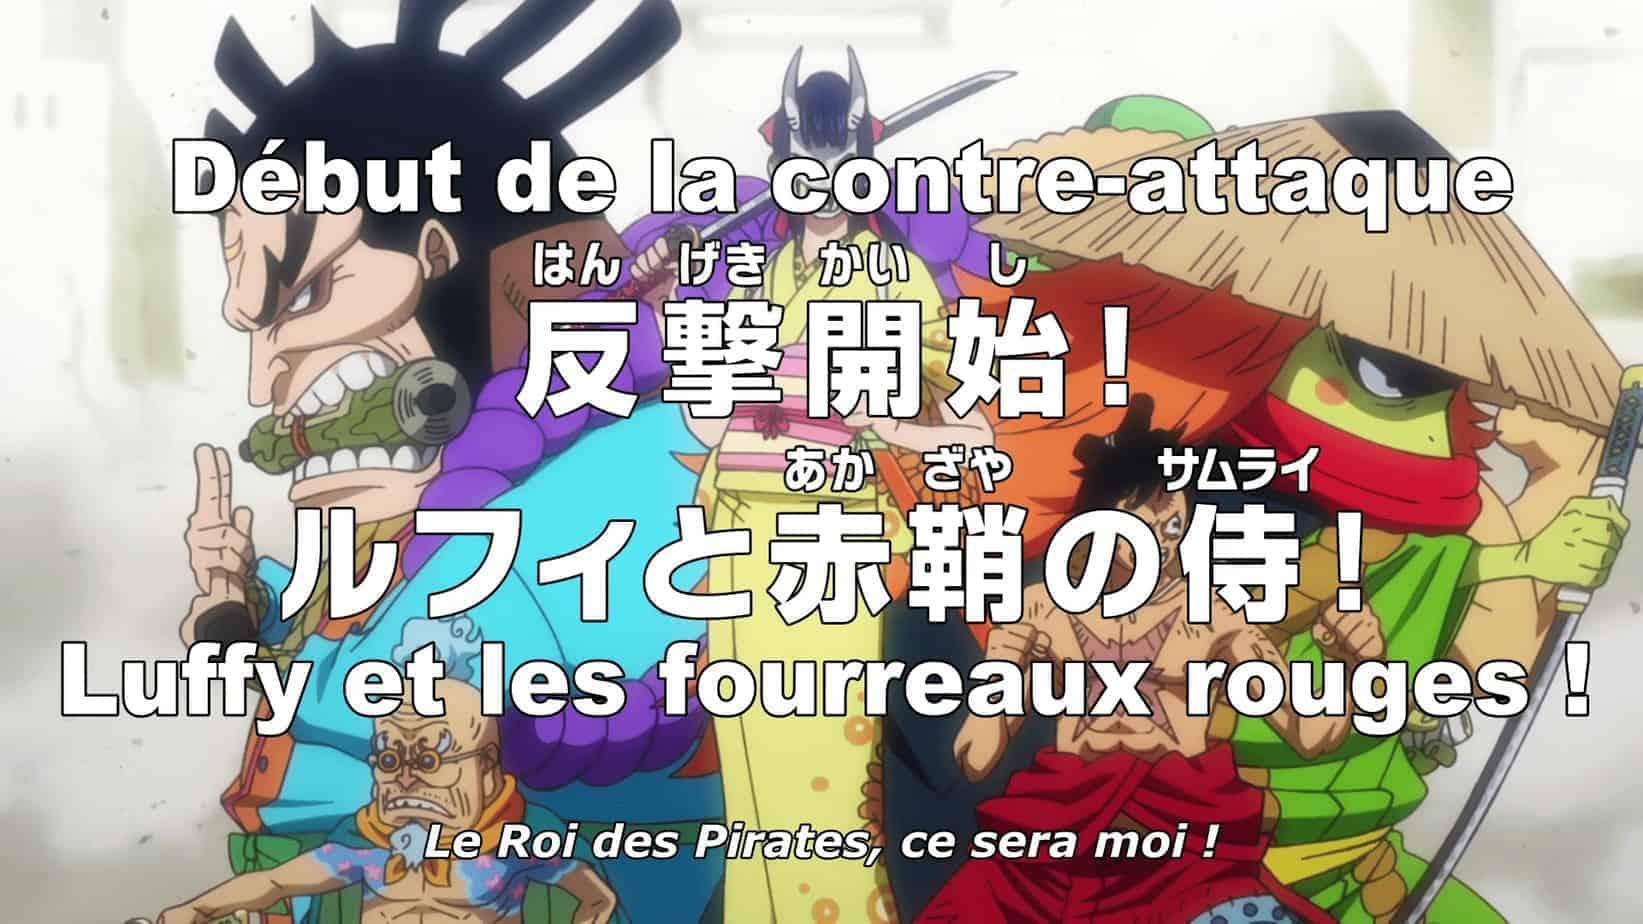 One piece 948 vostfr - Début de la contre-attaque Luffy et les fourreaux rouges ! 16